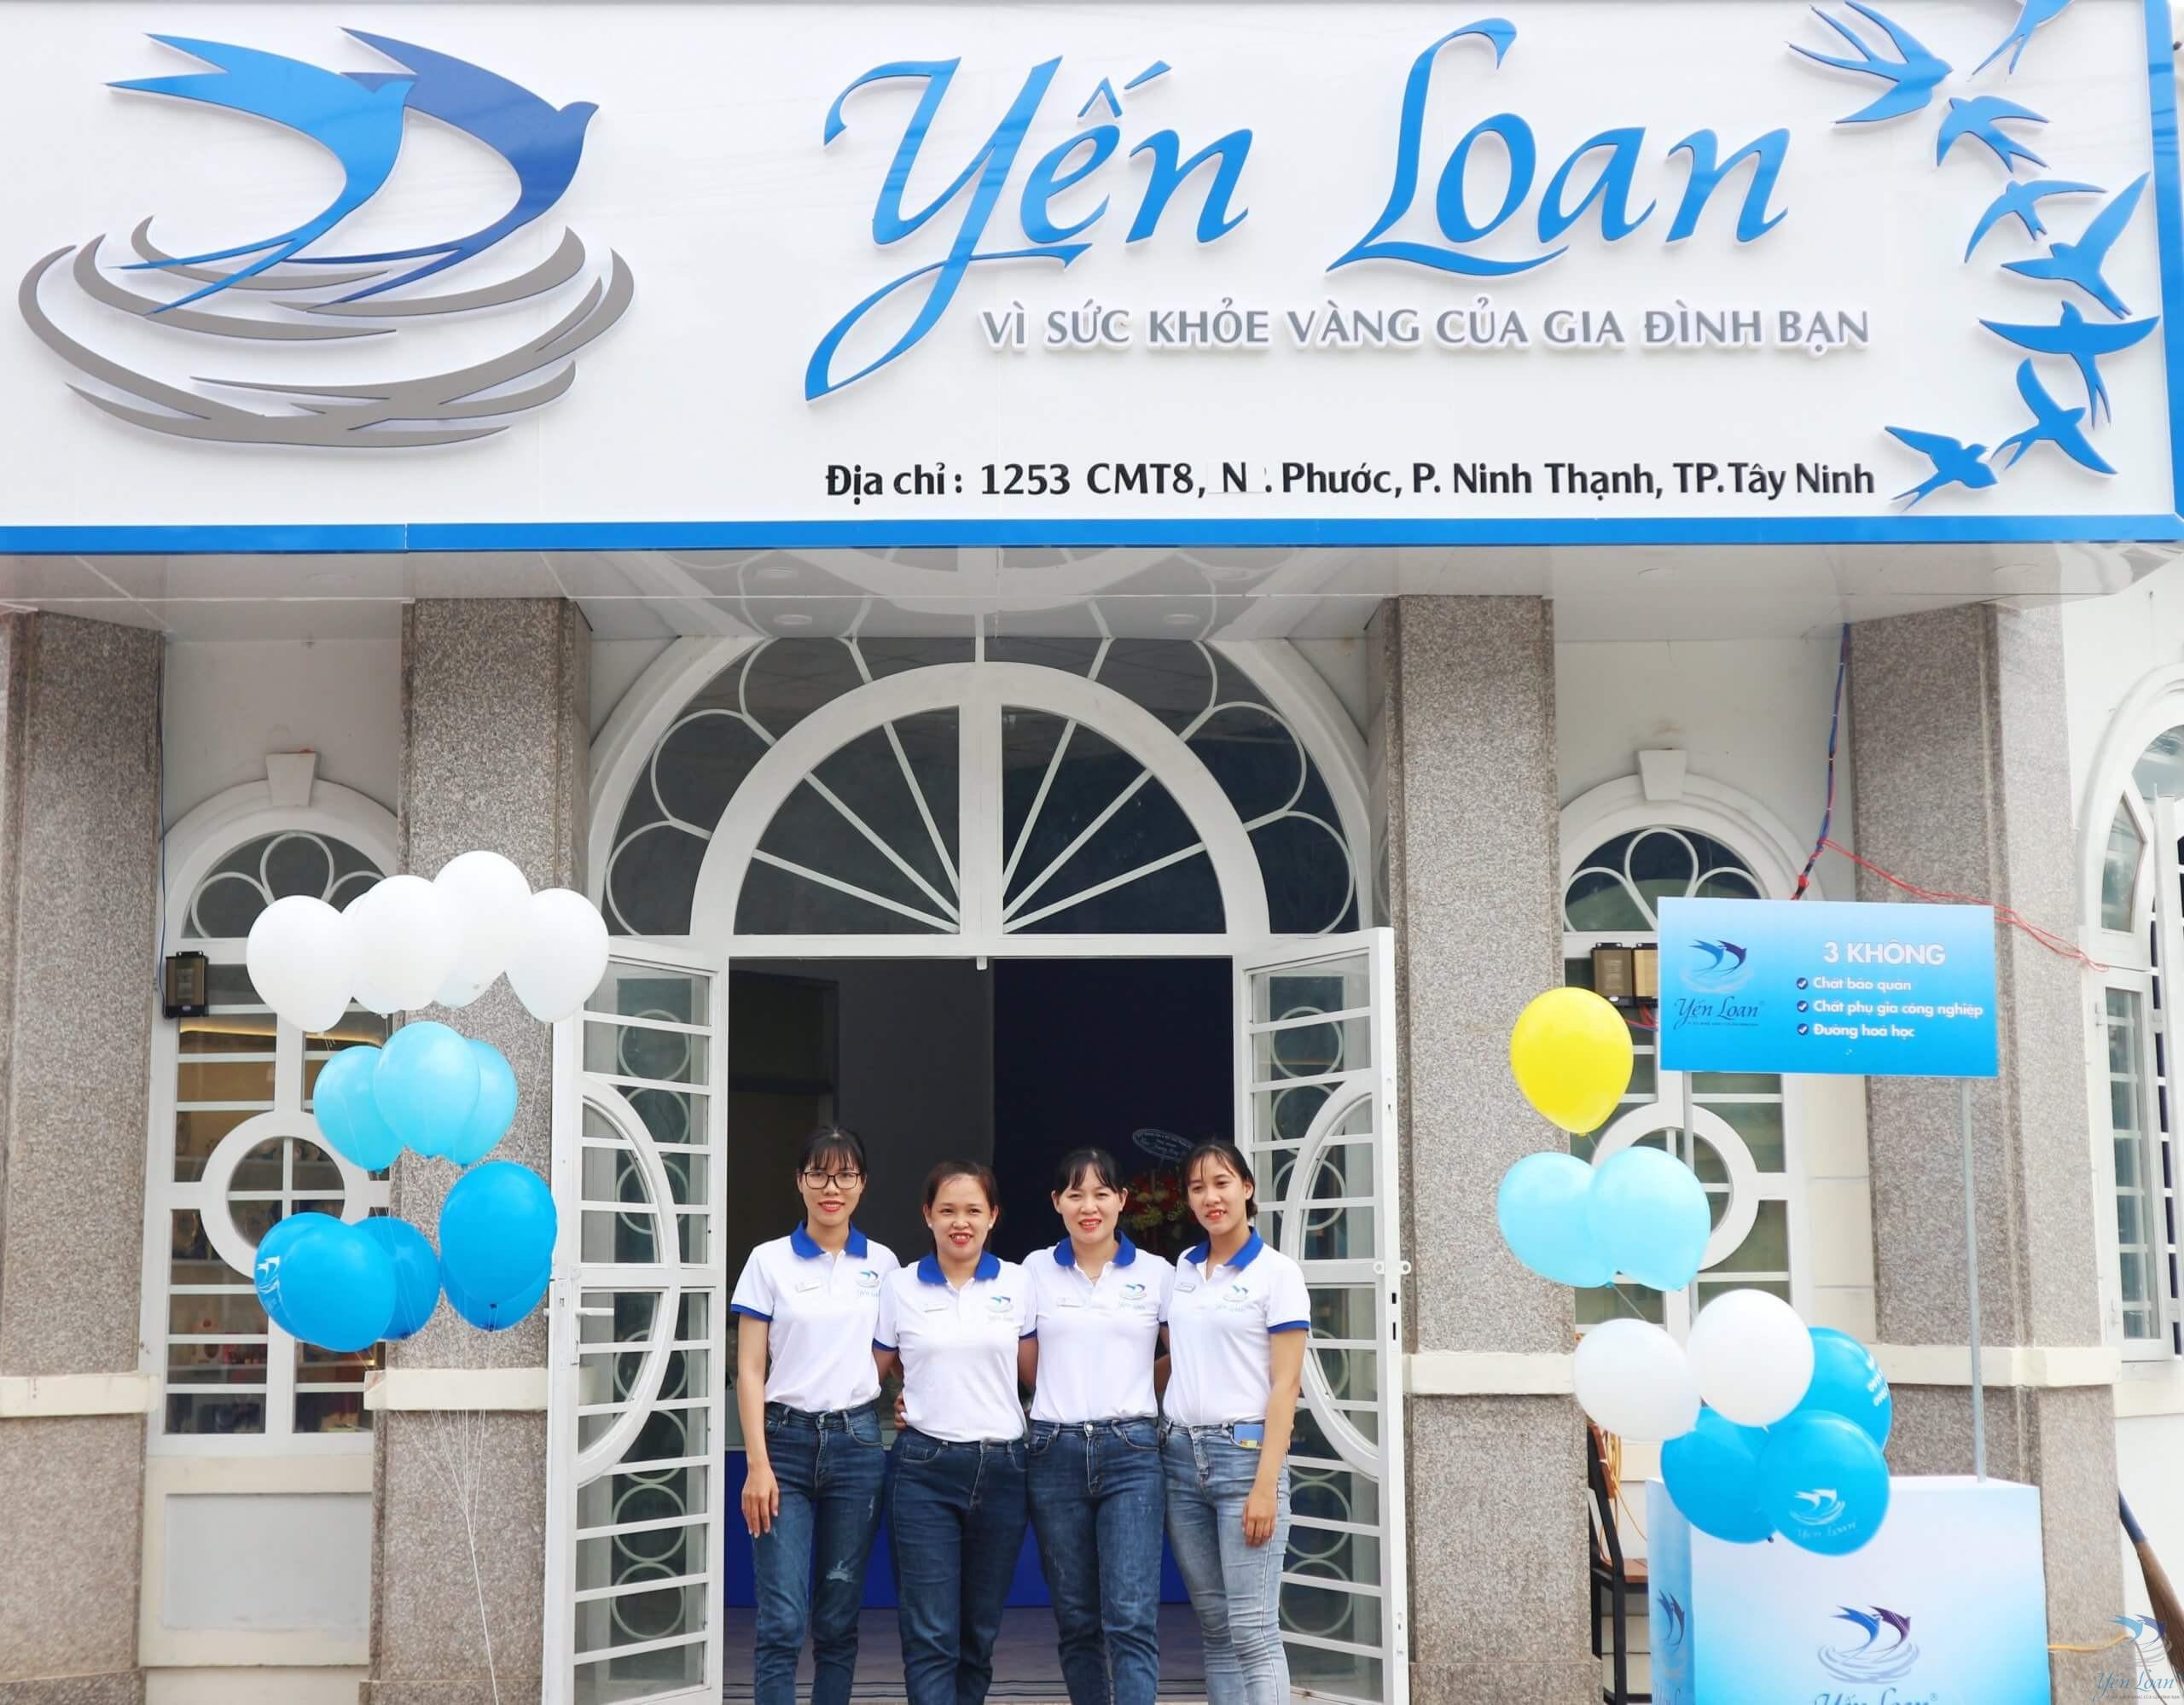 Yến Sào Yến Loan khai trương chi nhánh mới